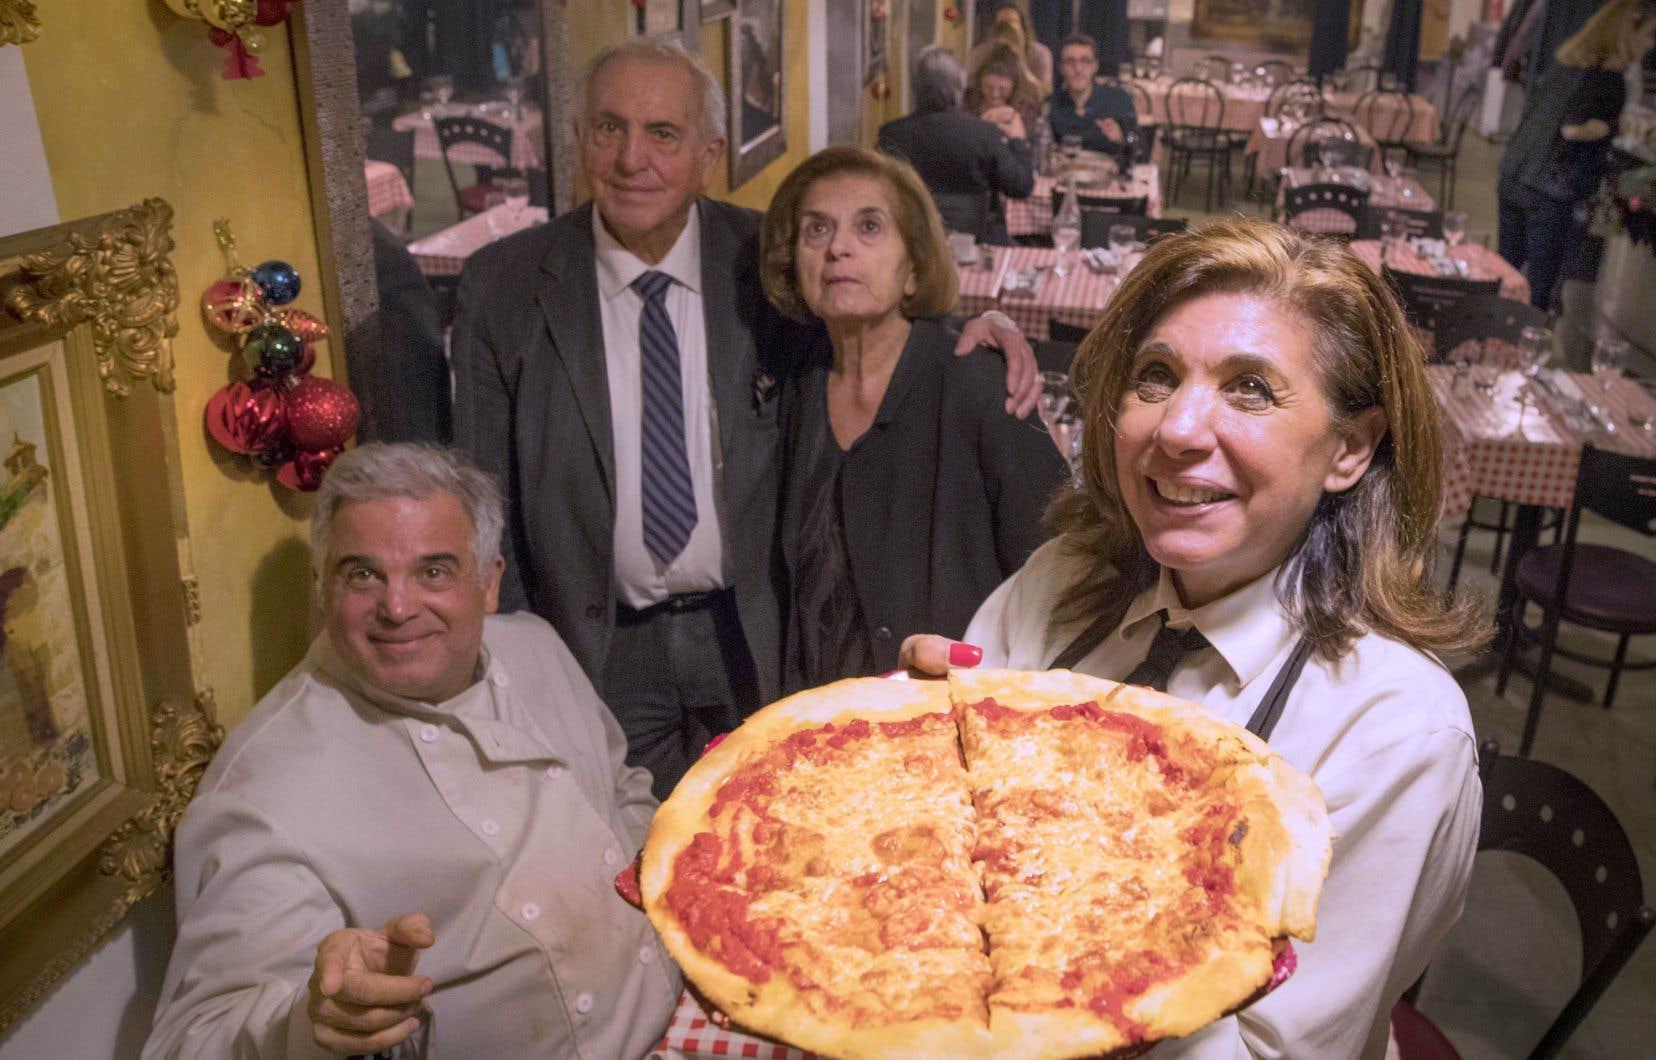 Ricky, Enrico, Olga et Lydia Padulo n'offrent pas seulement une des bonnes pizzas de la Petite-Italie. Ils tissent des liens et vous adoptent «subito presto».